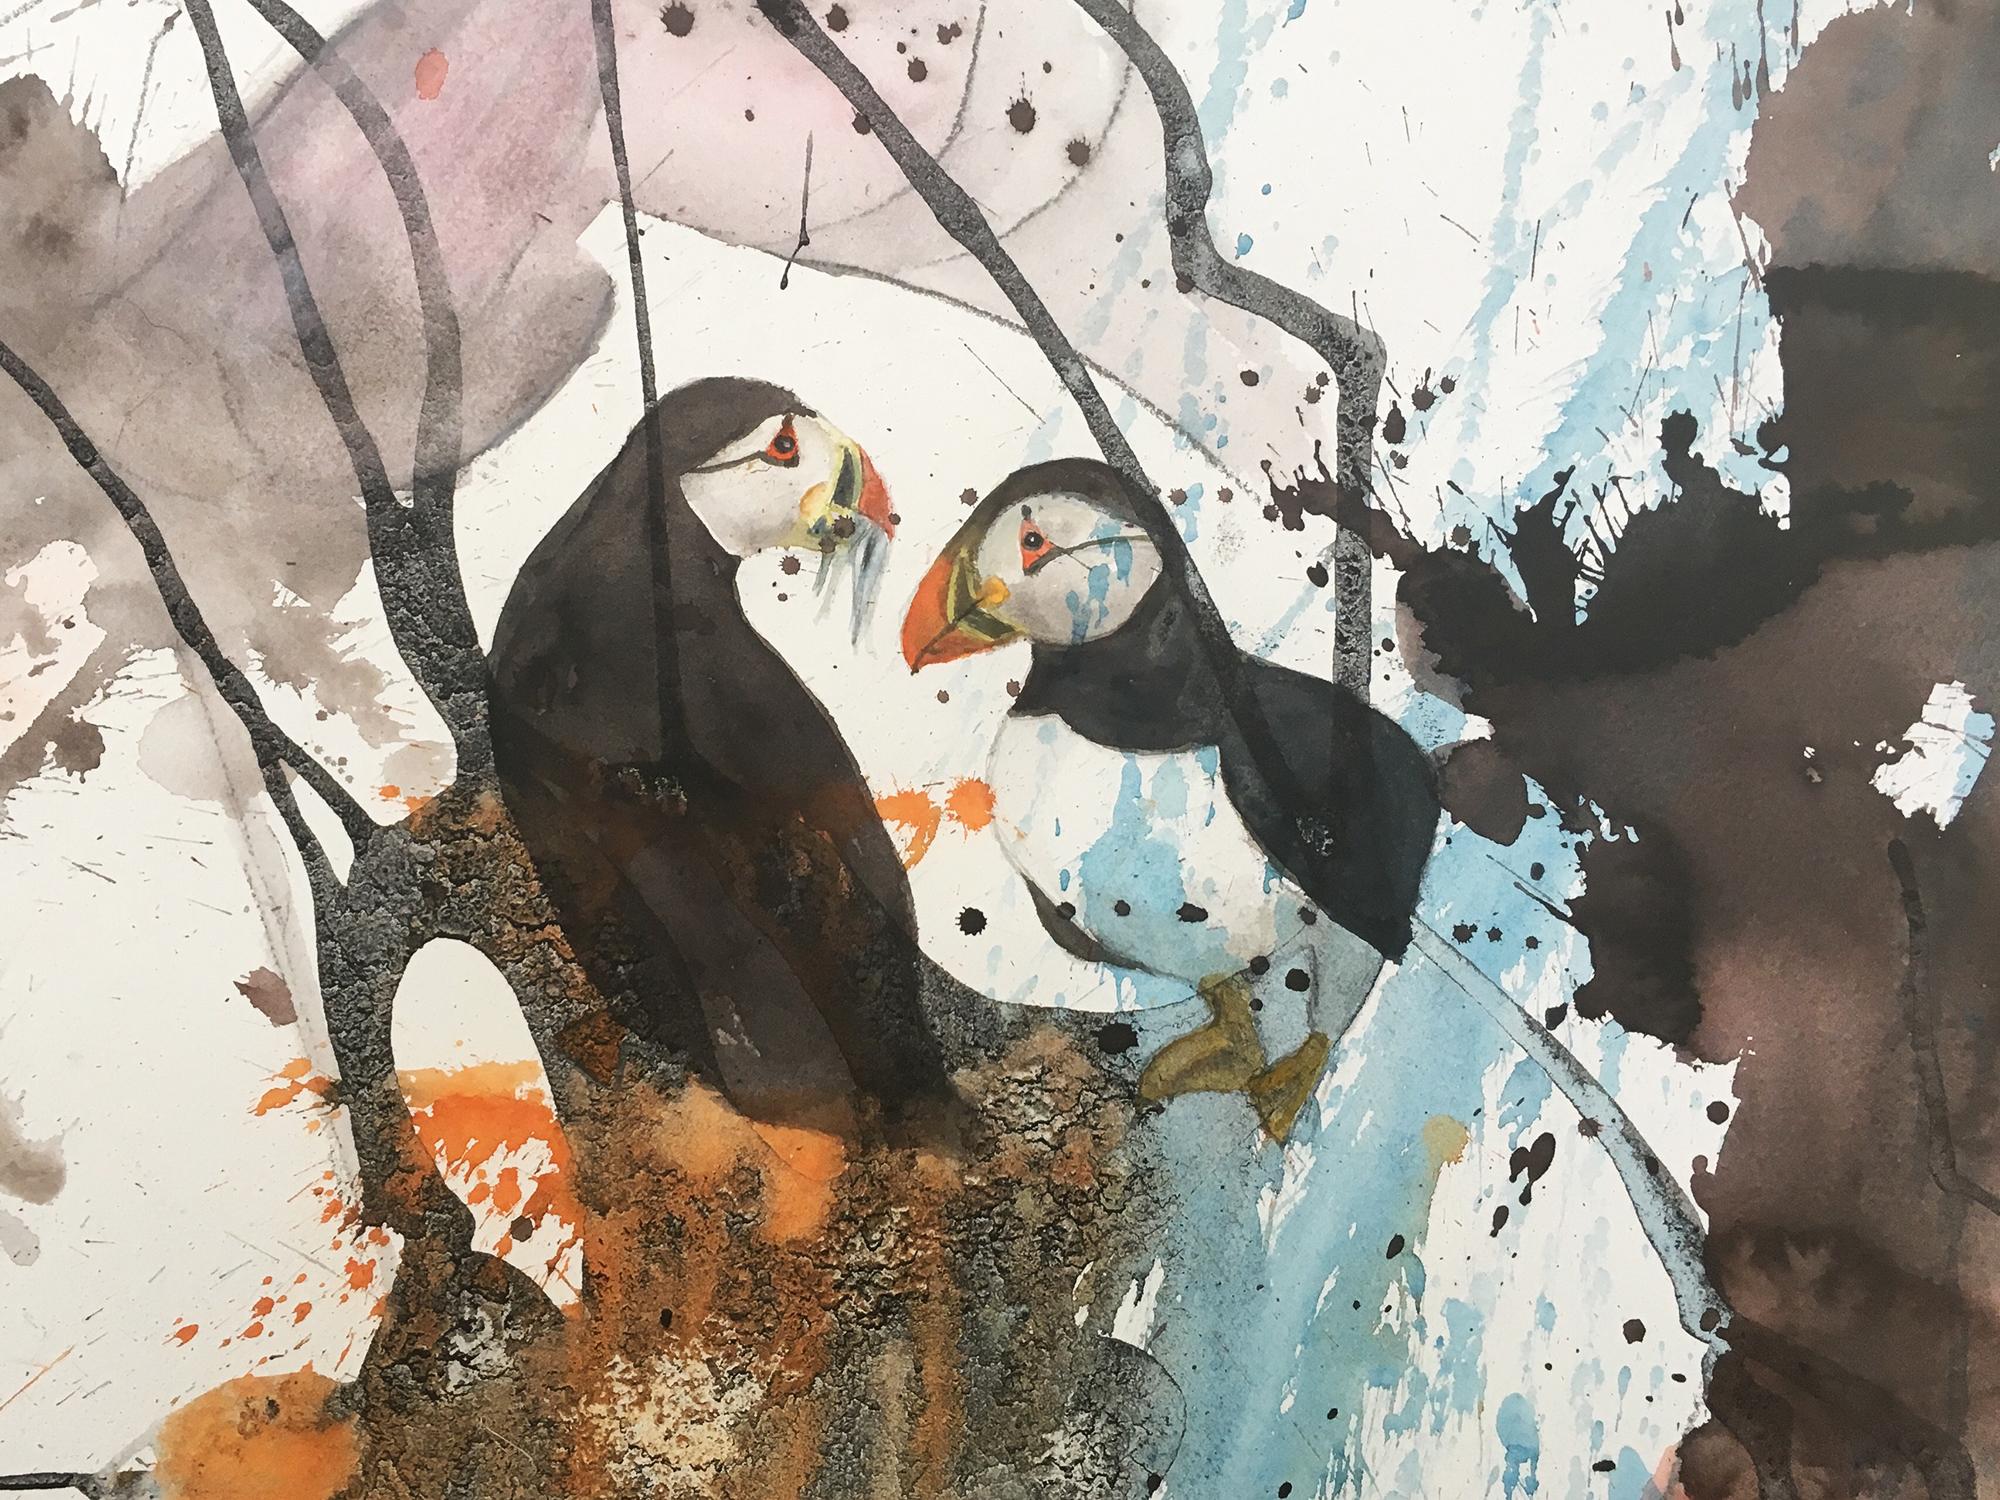 Akvarel på baggrund af kul og lim, 40x60 cm indrammet